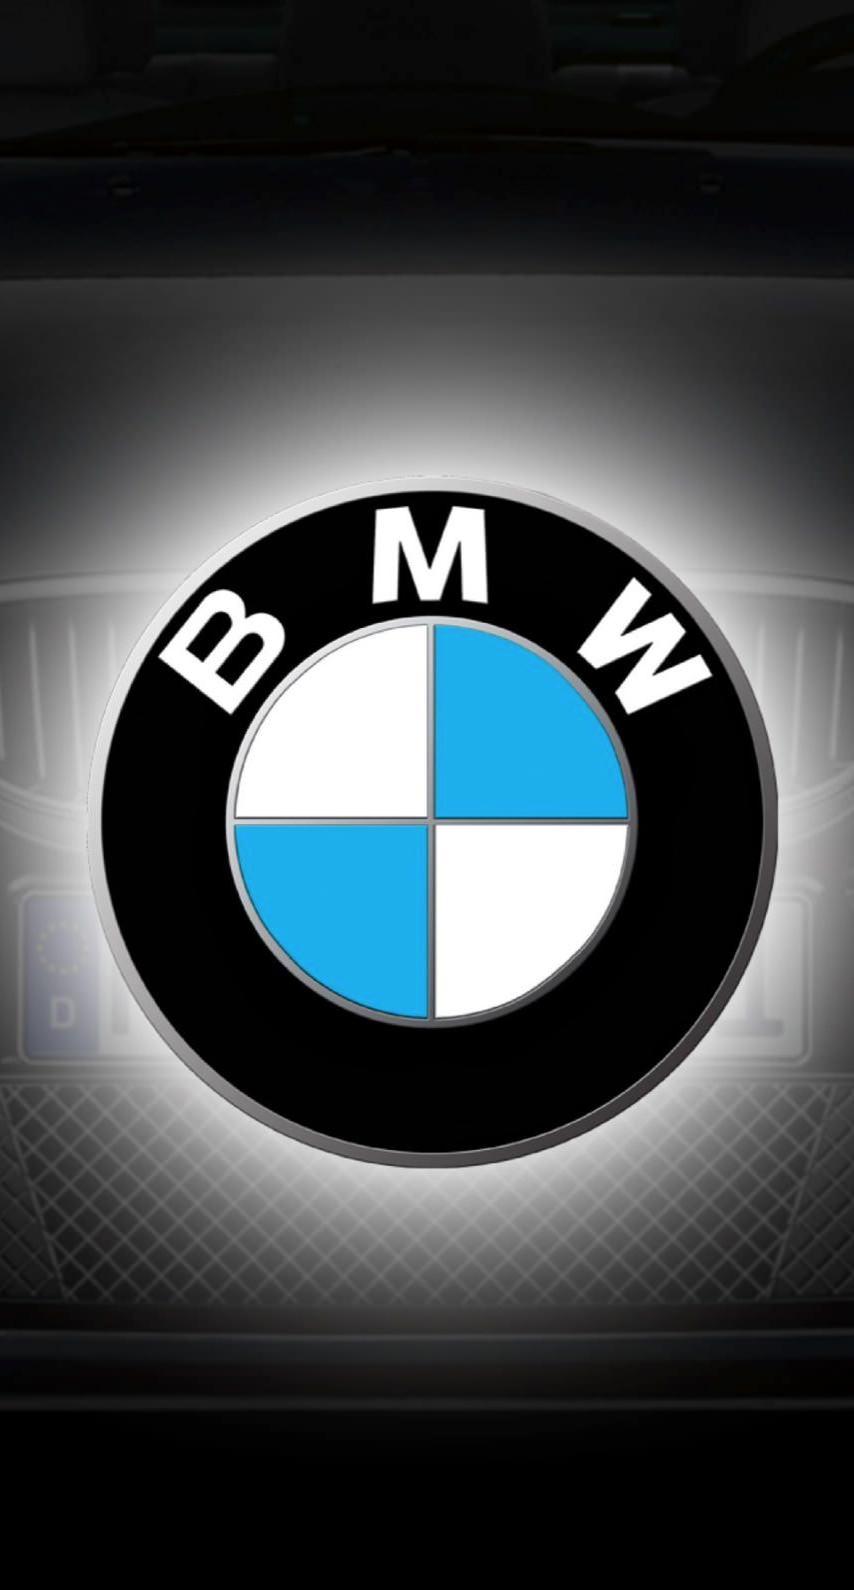 Logotipo De Bmw Wallpapersc Iphone6s